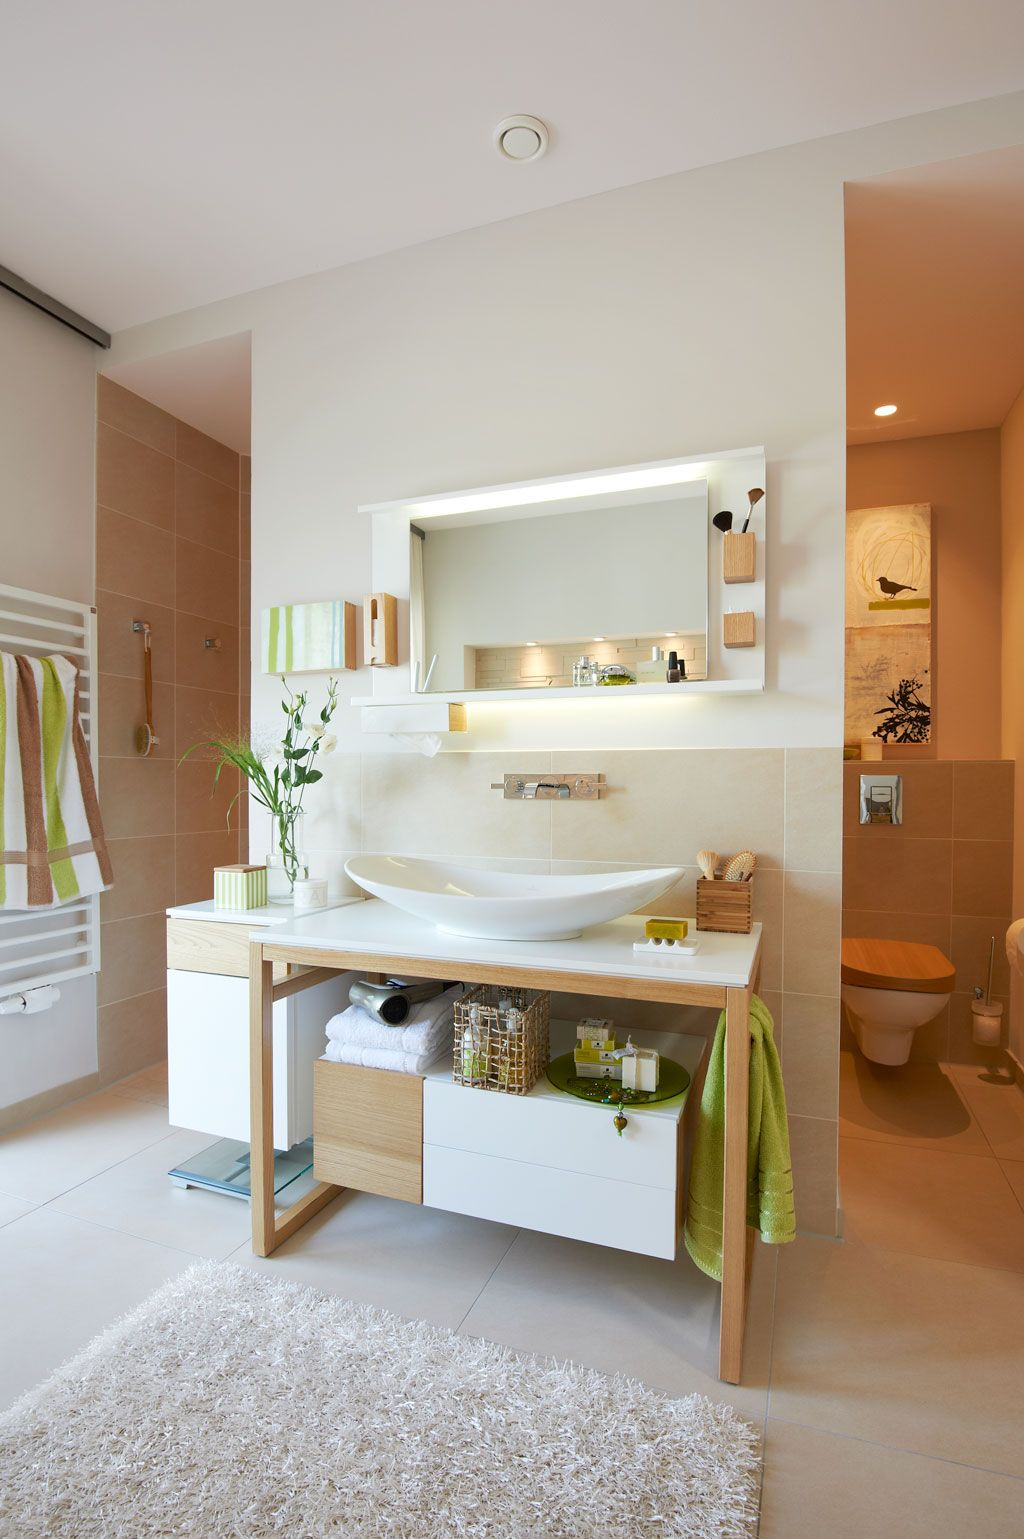 Viebrock Edition 500 B Wohnidee Haus Wohnung Badezimmer Schoner Wohnen Farbe Badezimmer Braun